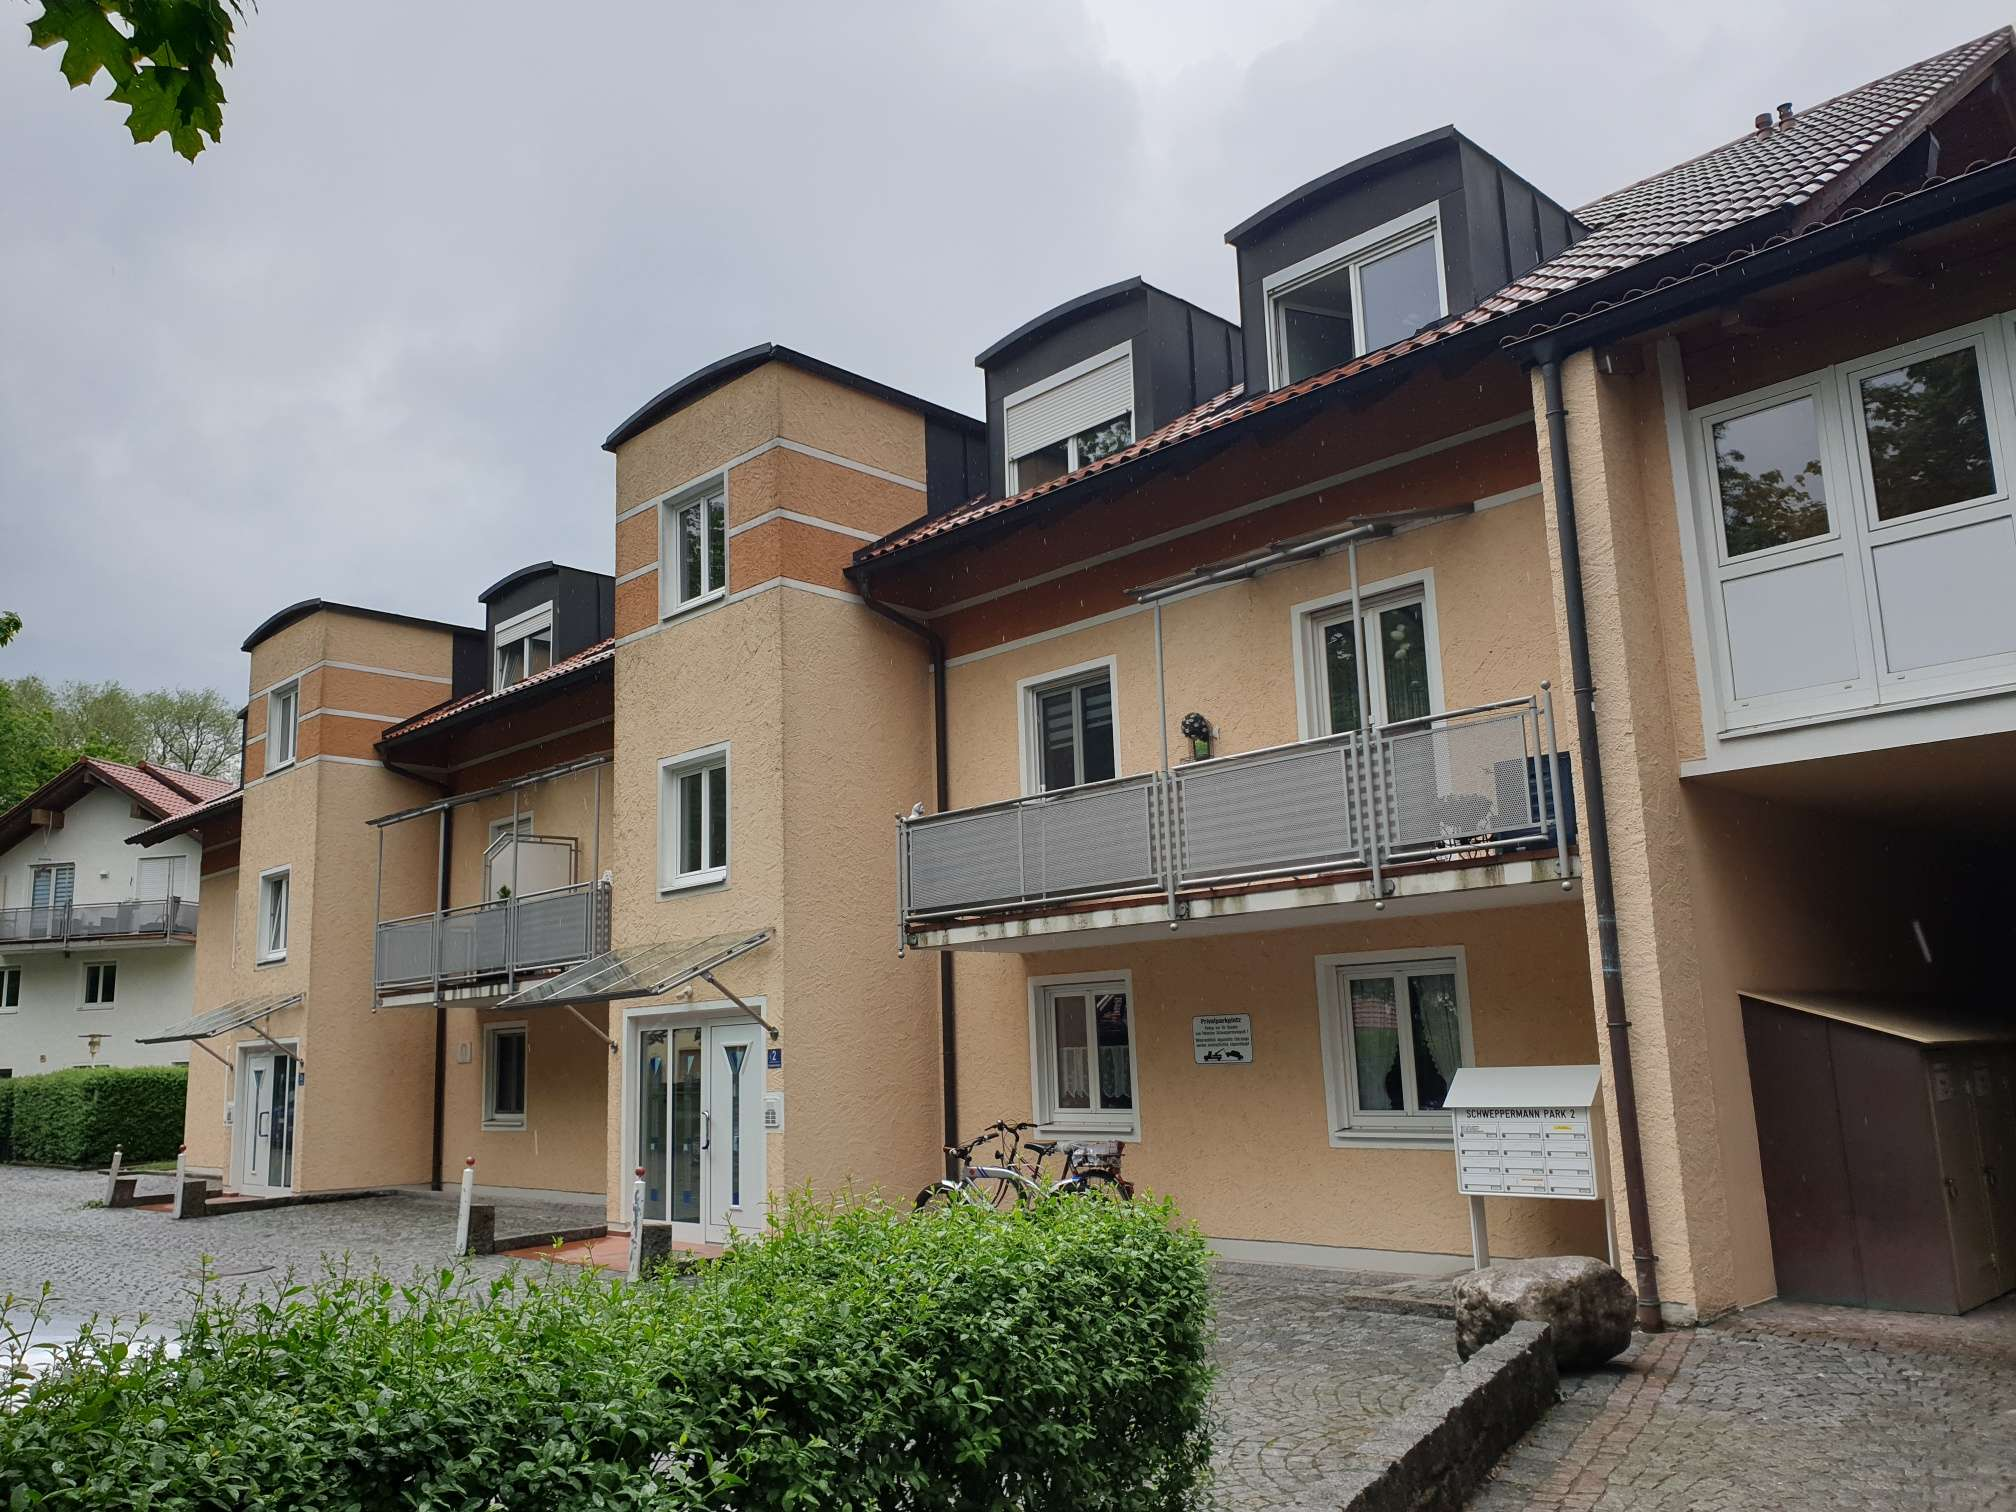 Sehr helle Dachgeschosswohnung, 3-Zimmer, zentral gelegen